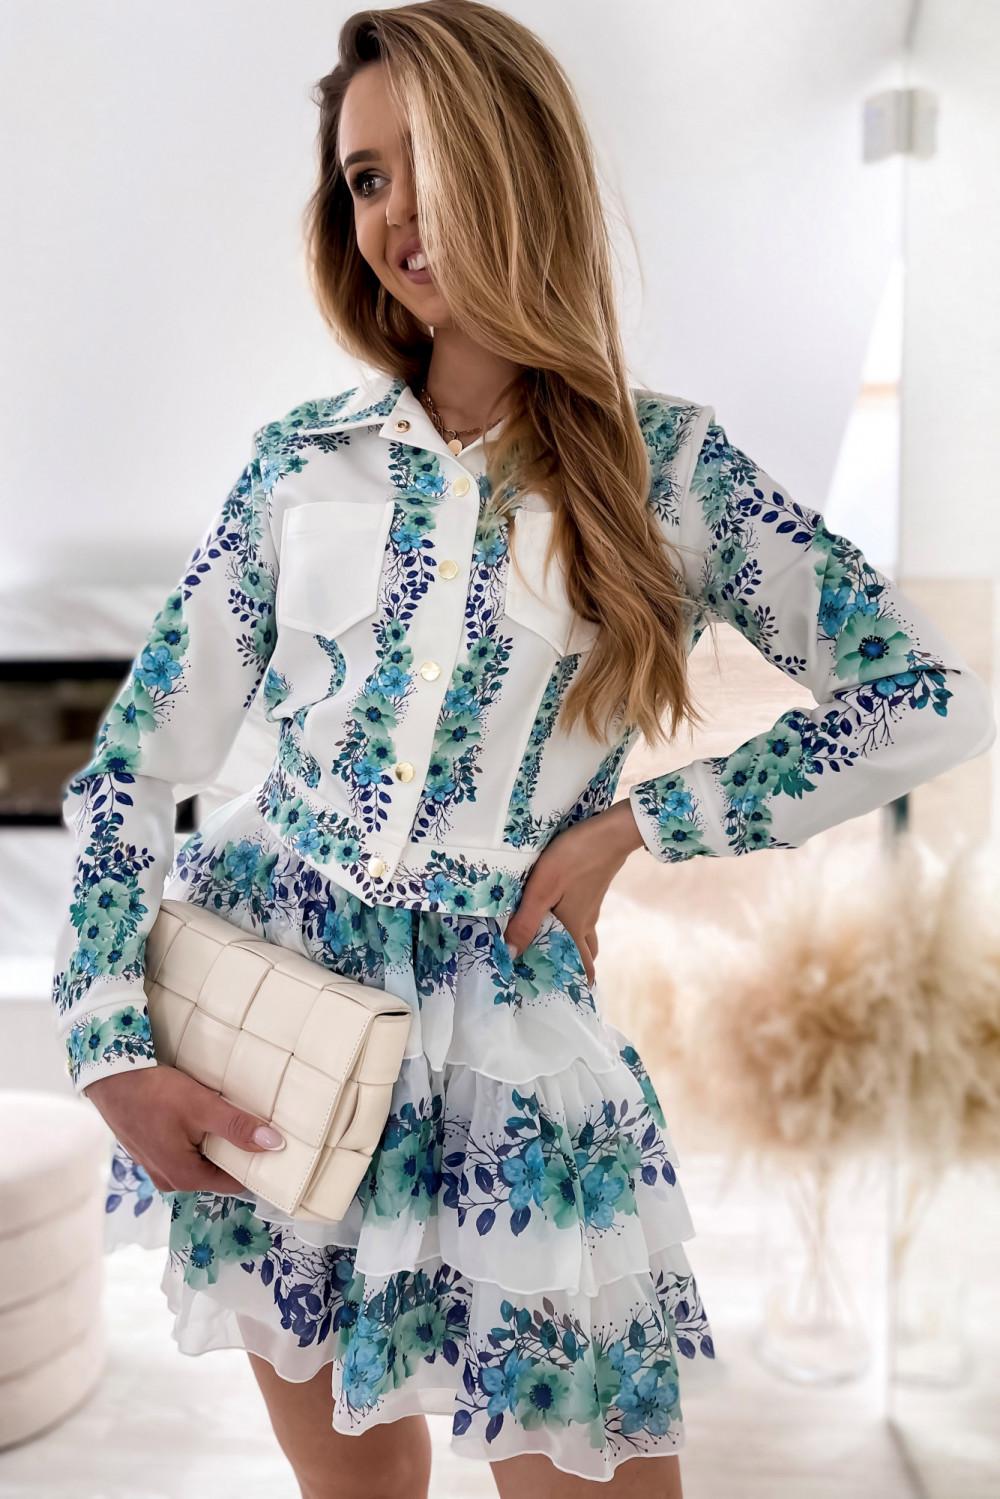 Niebieski kwiatowy komplet katany i spódniczki Florencia 1